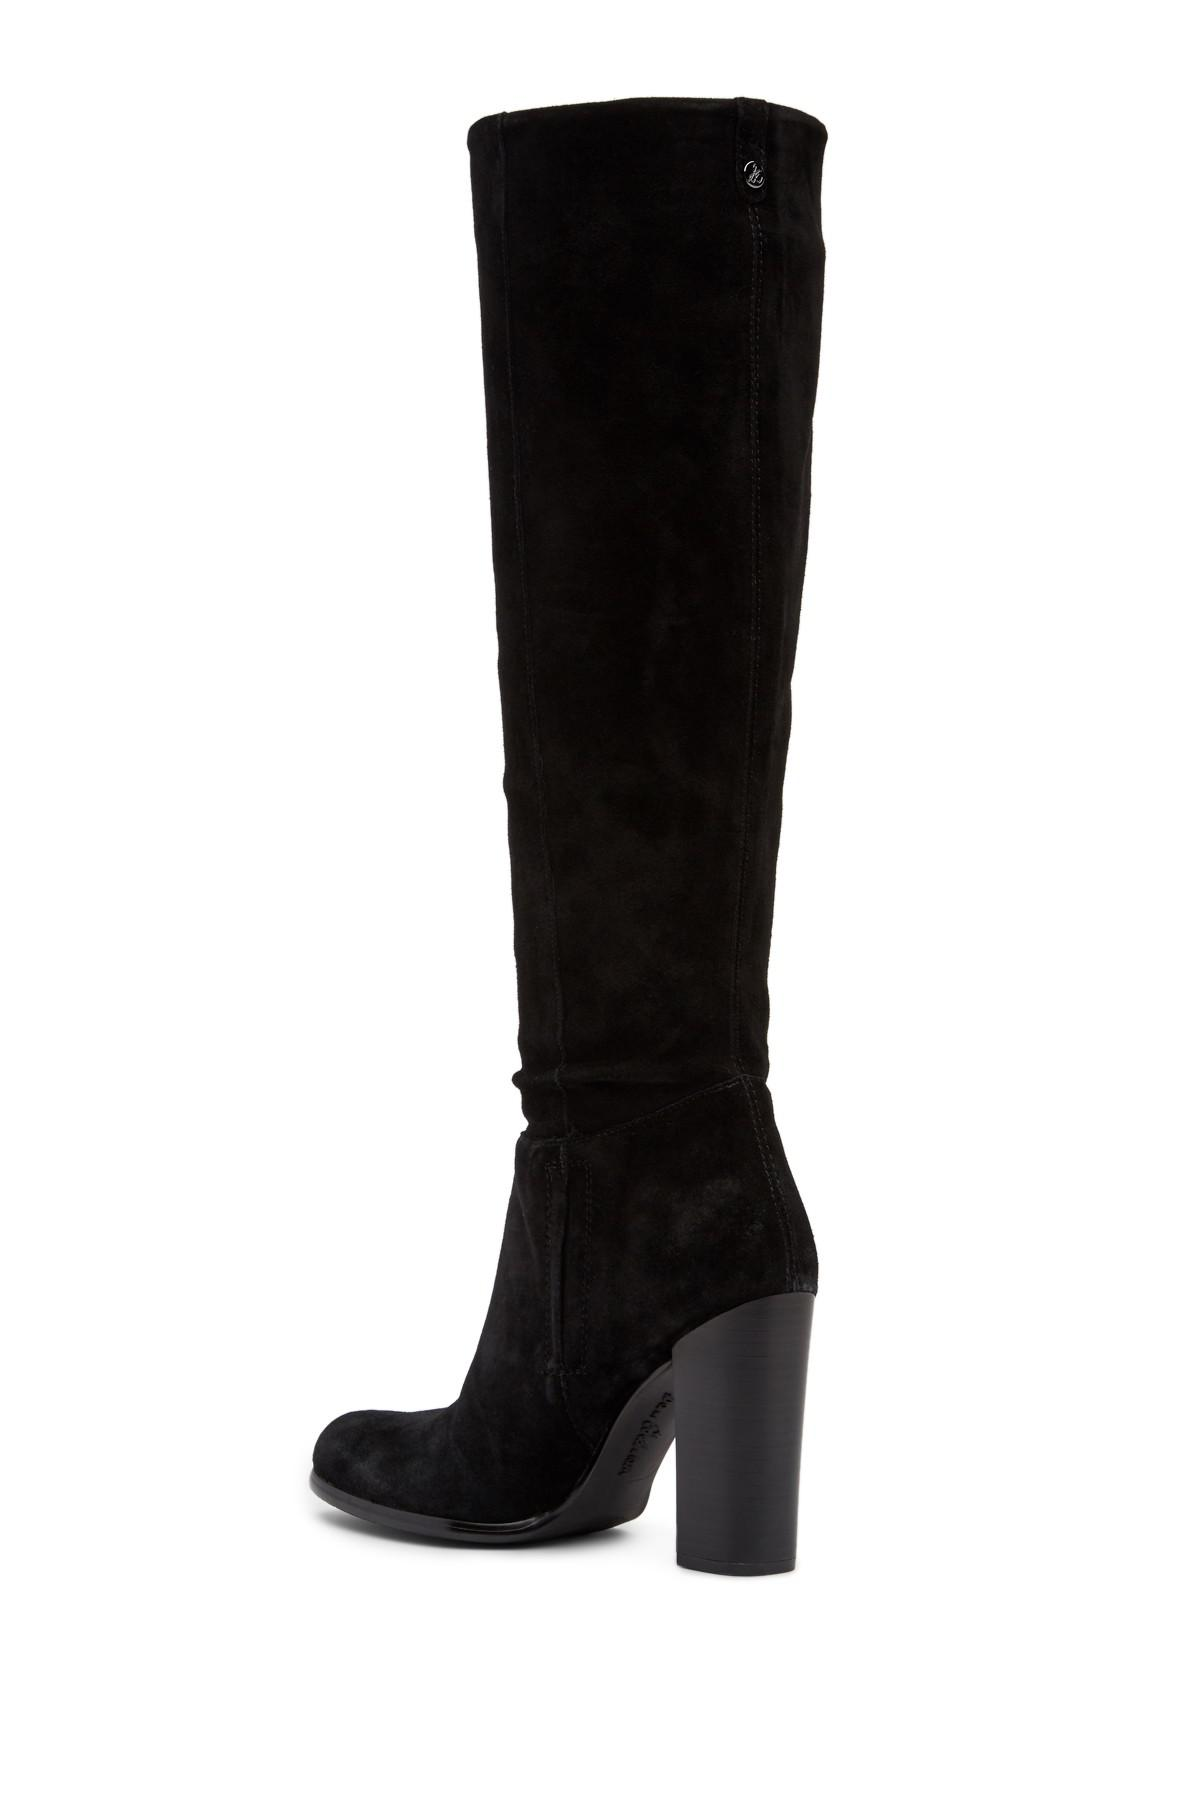 f6db16eb1a2dcd Lyst - Sam Edelman Victoria Tall Suede Boot in Black